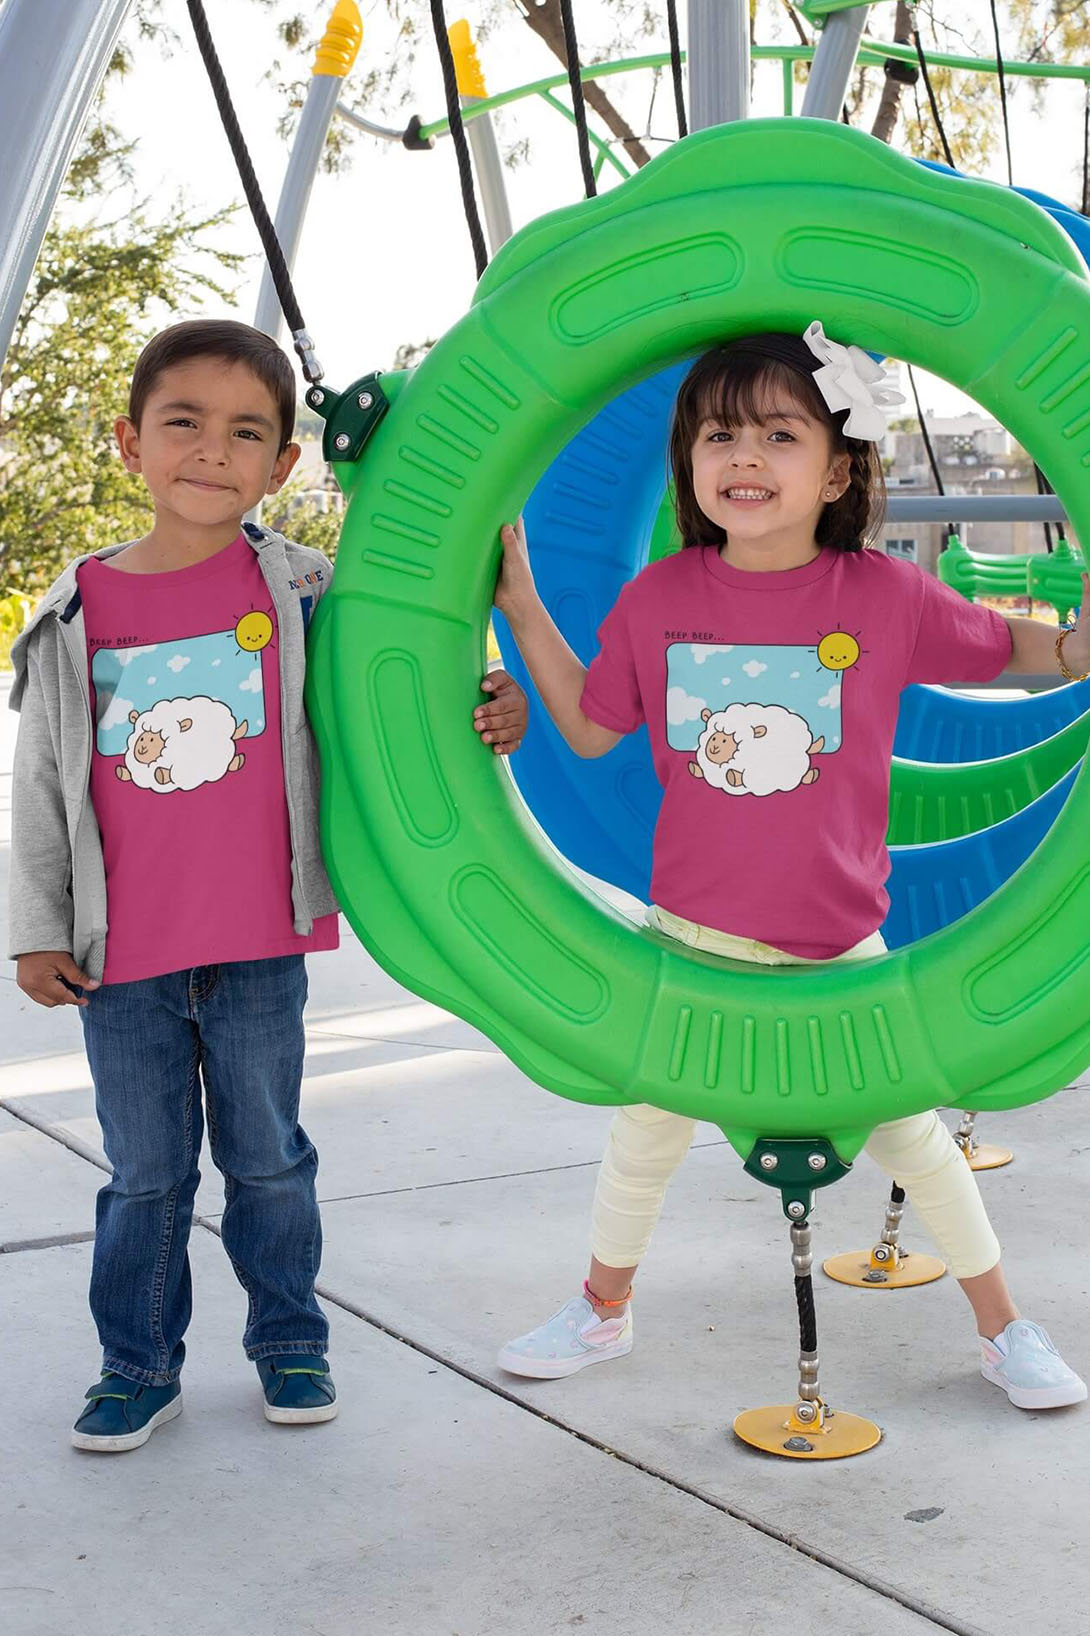 MMO Detské tričko Šťastná ovečka Vyberte farbu:: Limetková, Detská veľkosť: 110/4 roky